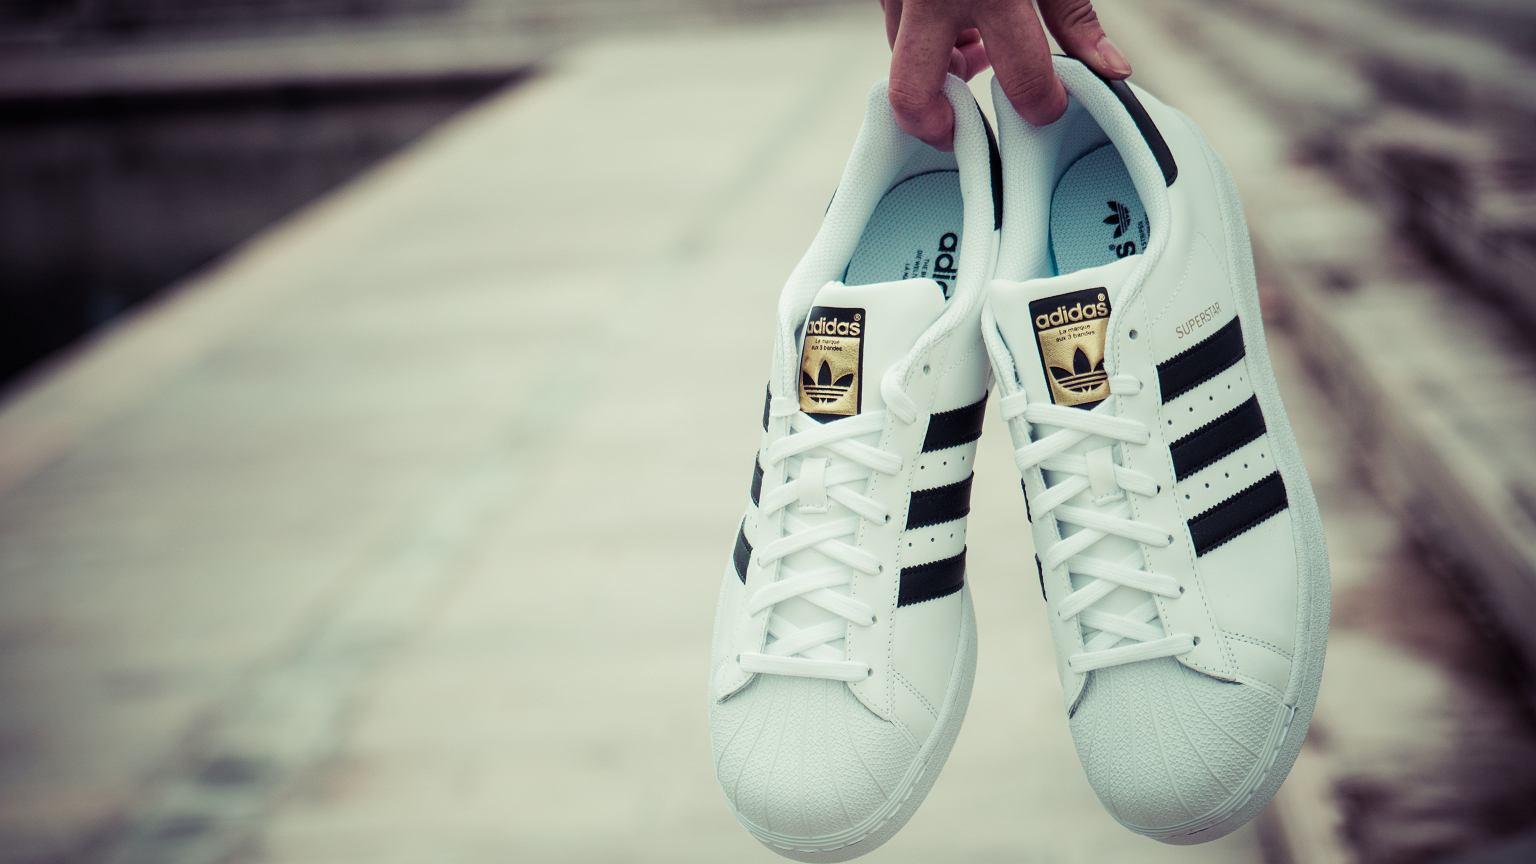 b7b7ccd2 Adidas Superstar - legenda miejskiego stylu. Wybrałyśmy modele do  codziennych stylizacji